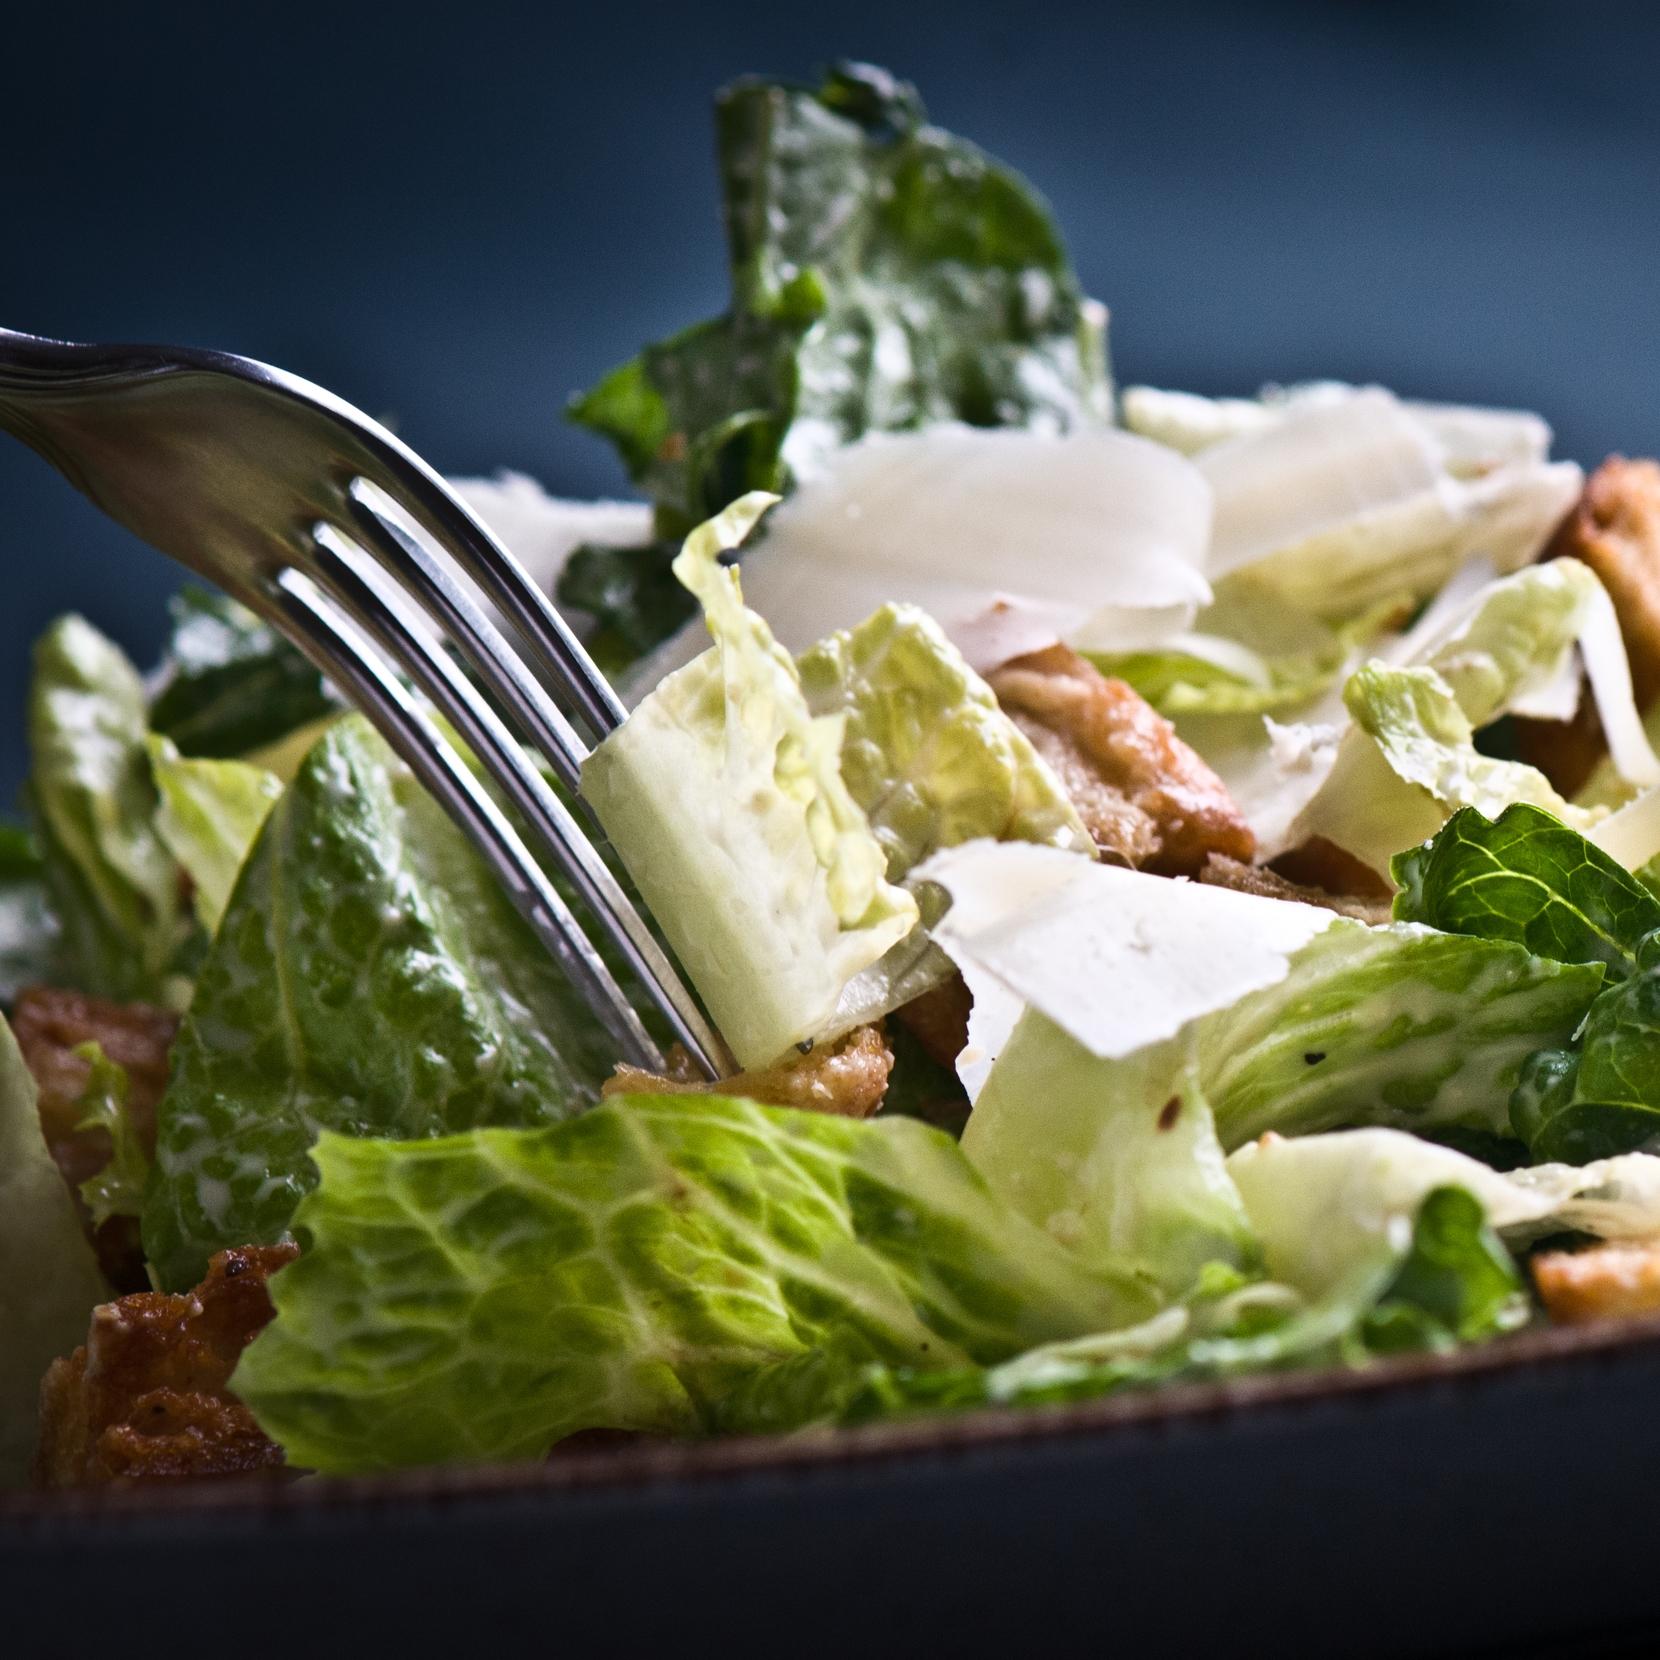 michelle food salad 2.jpg